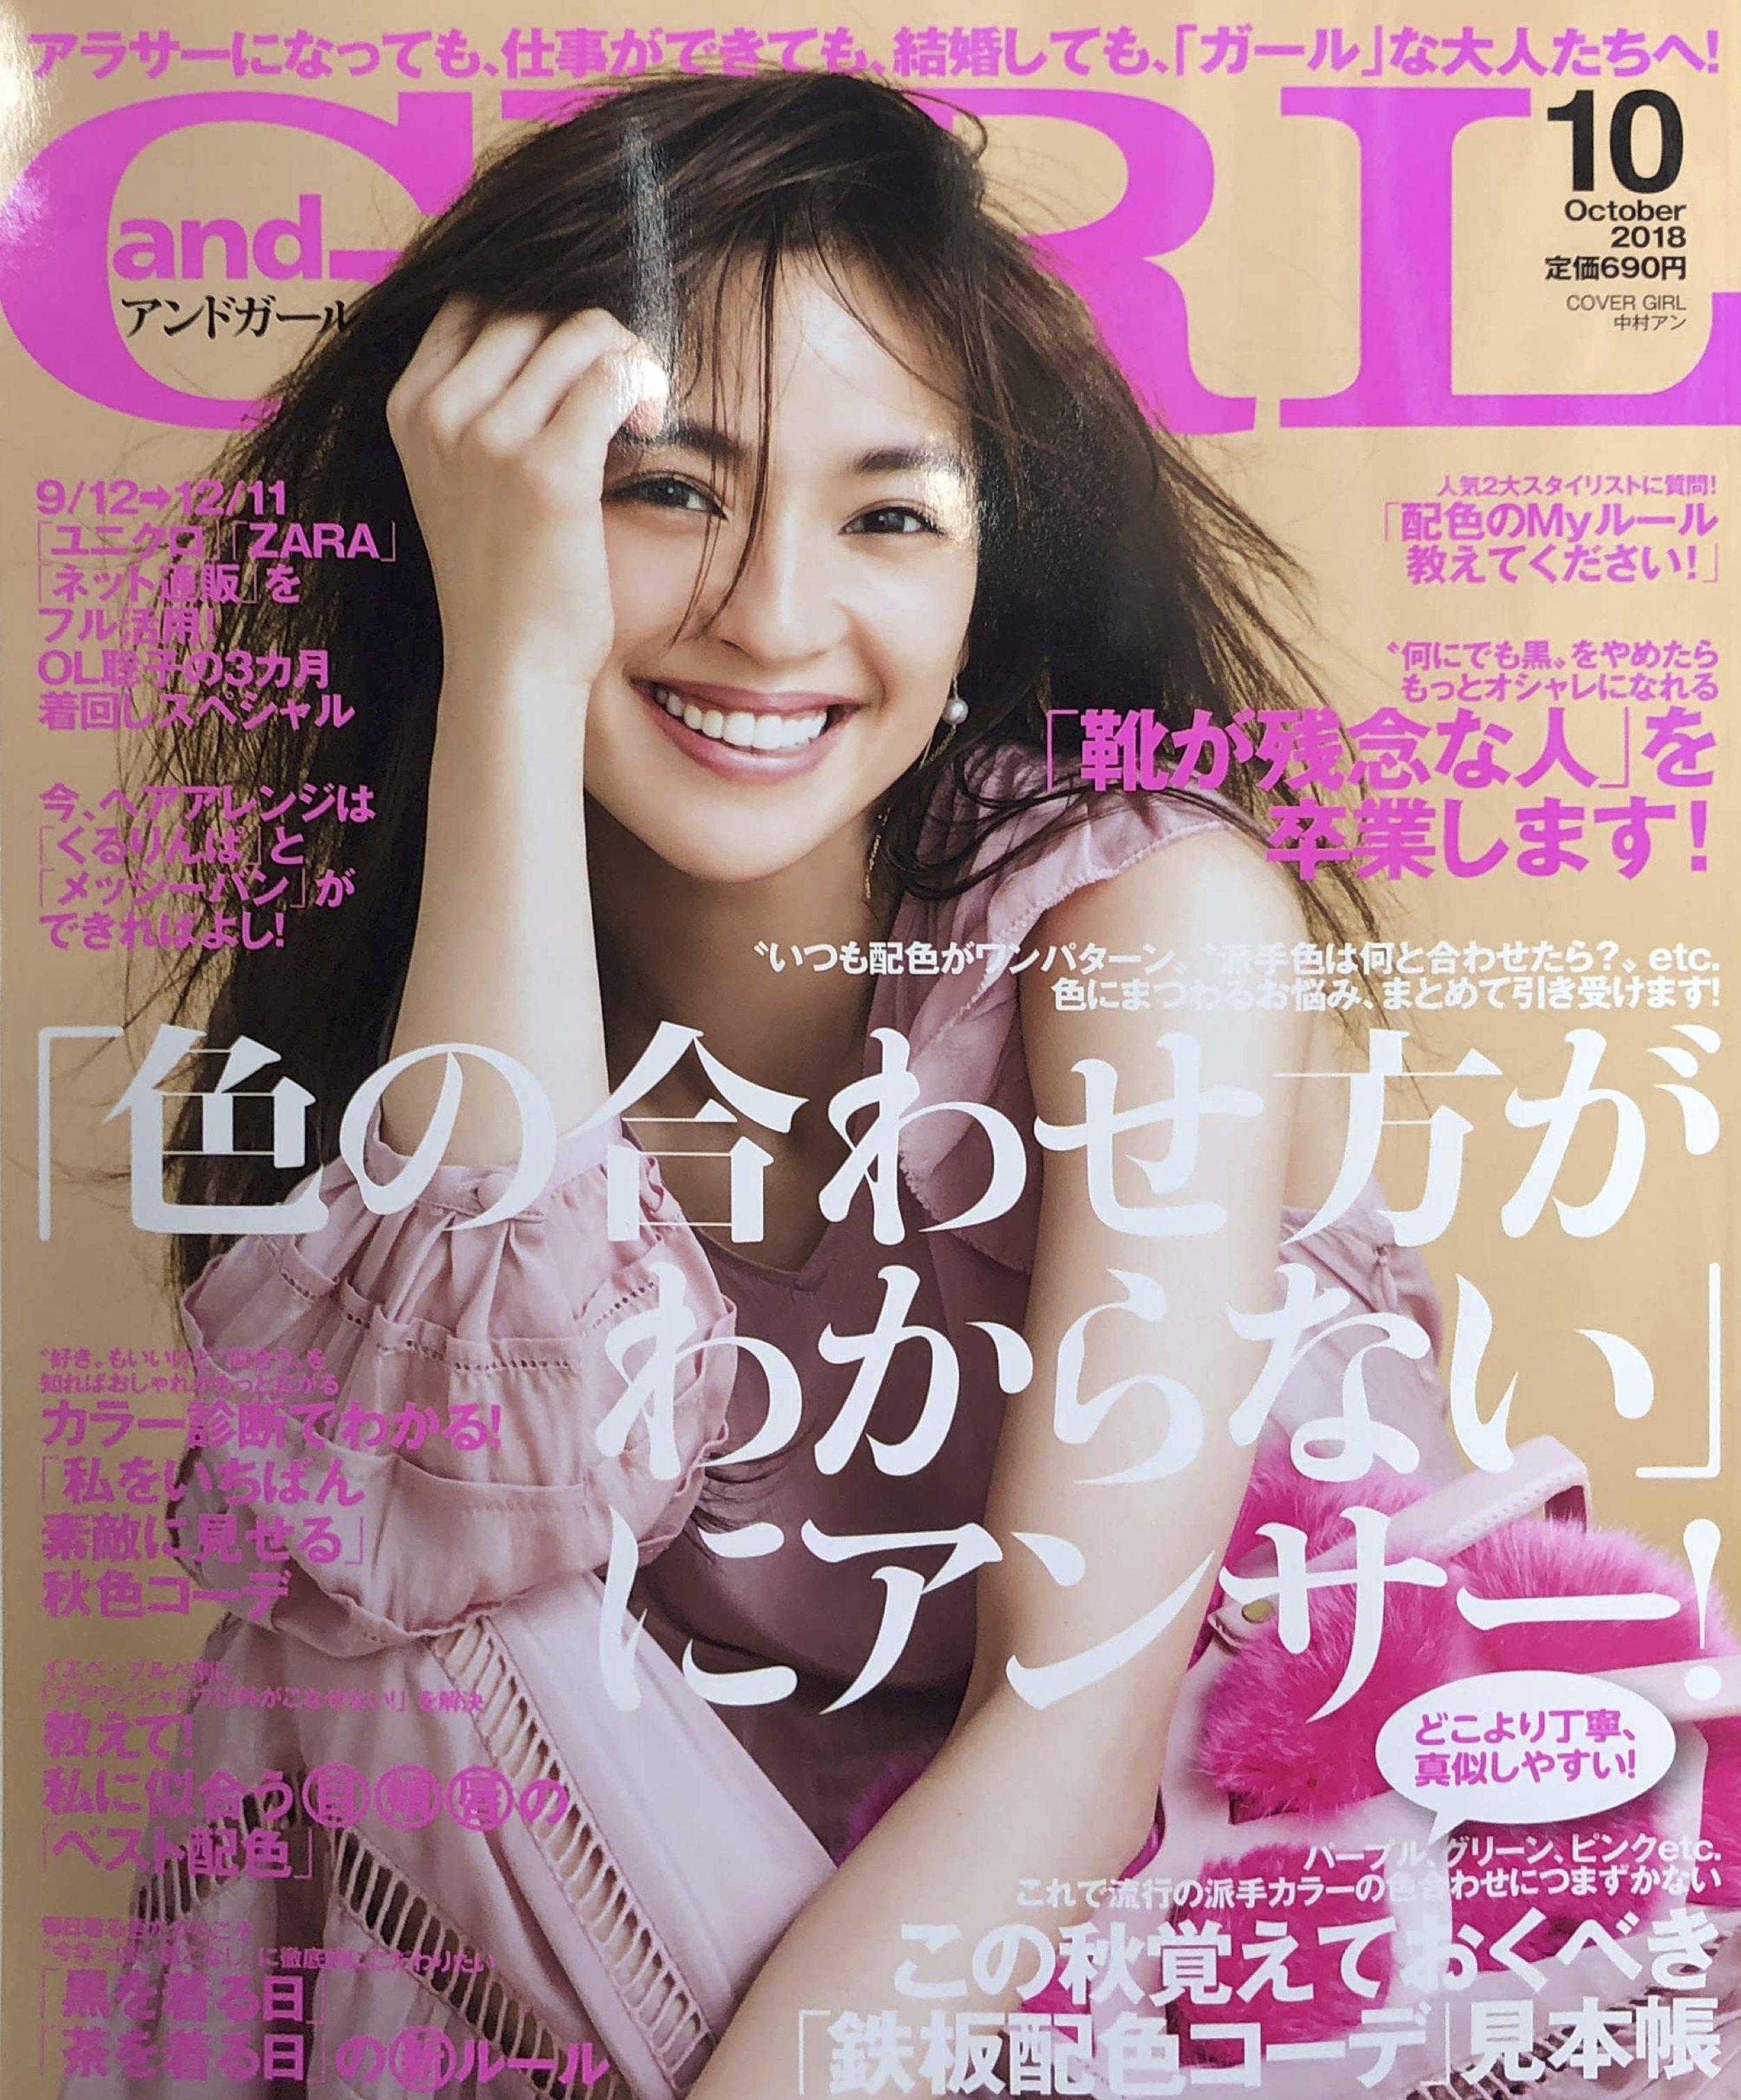 Girl Magazine Cover October